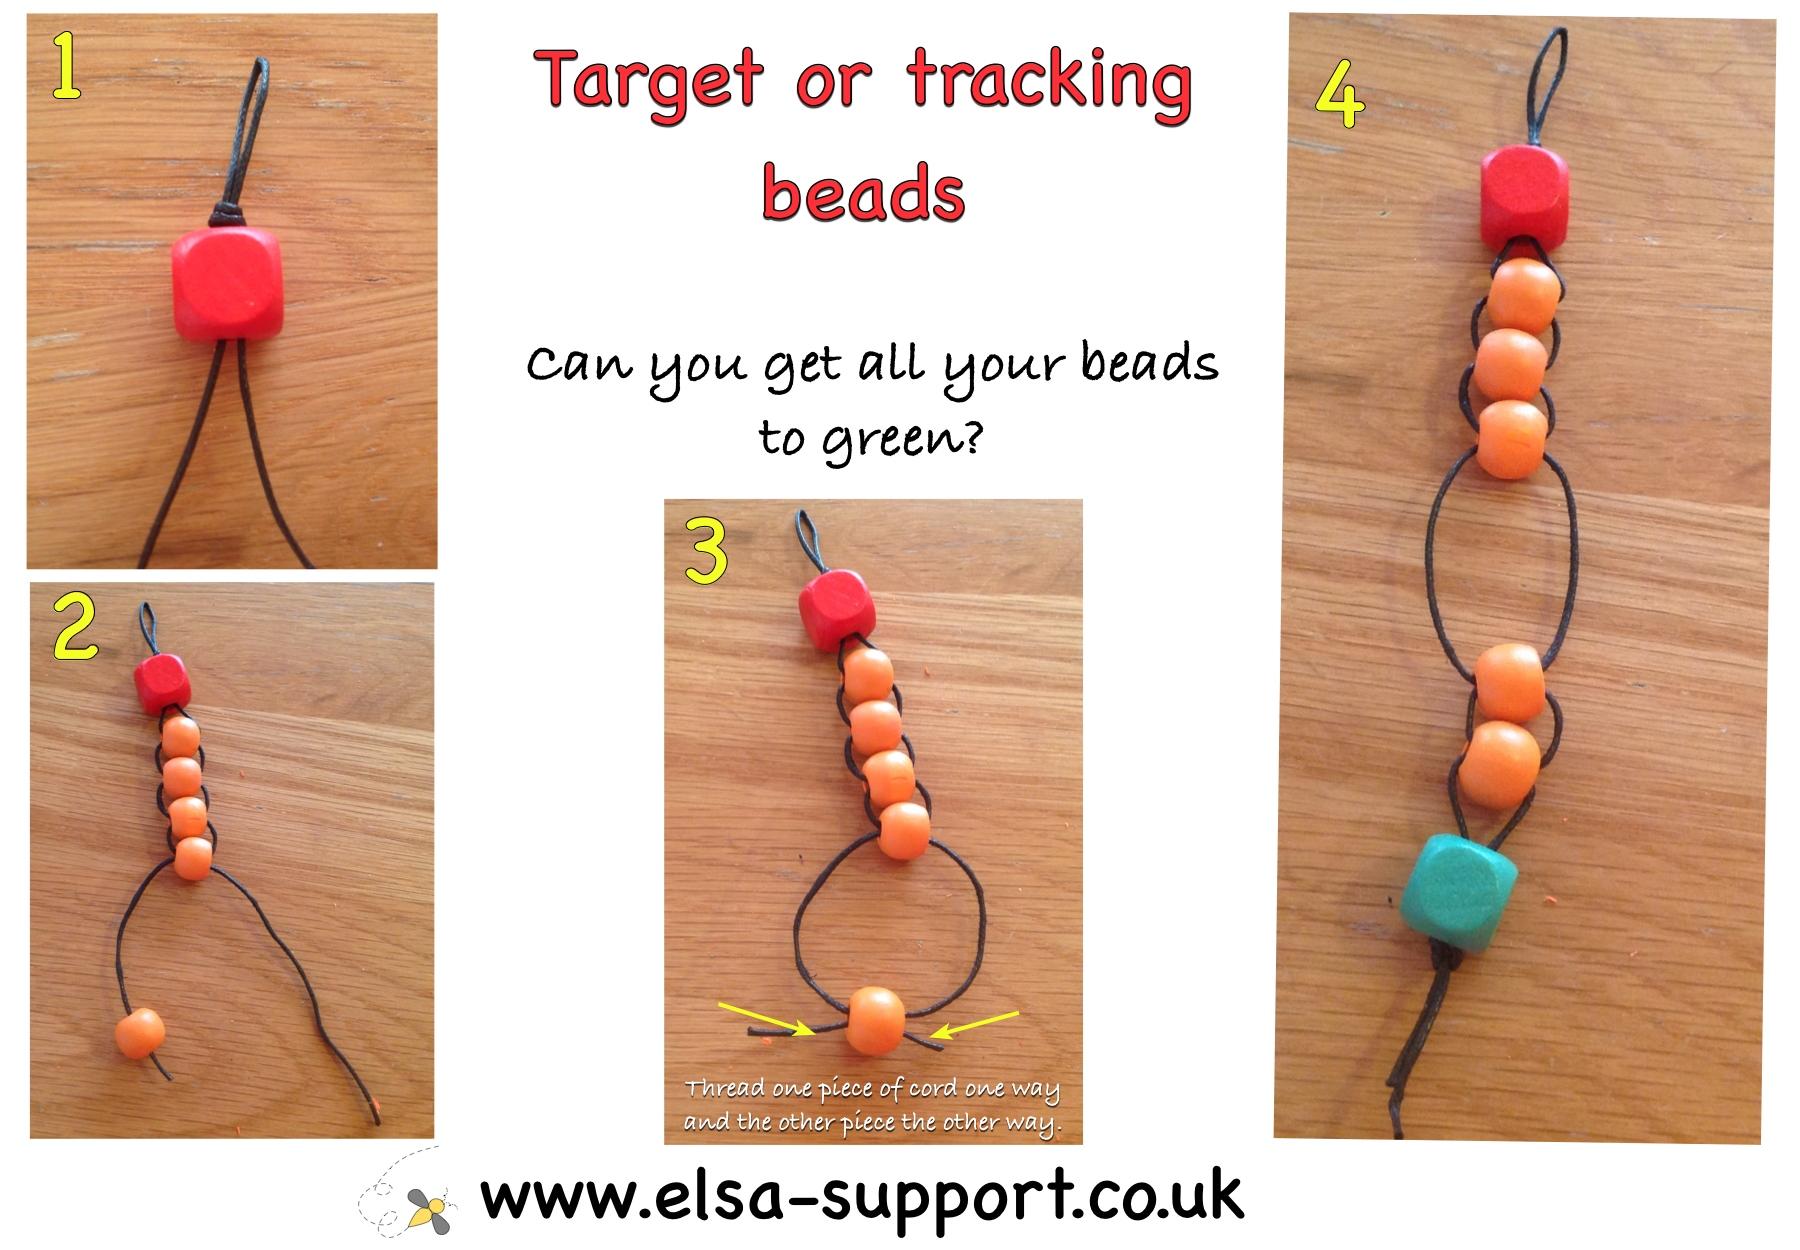 tracking beads image